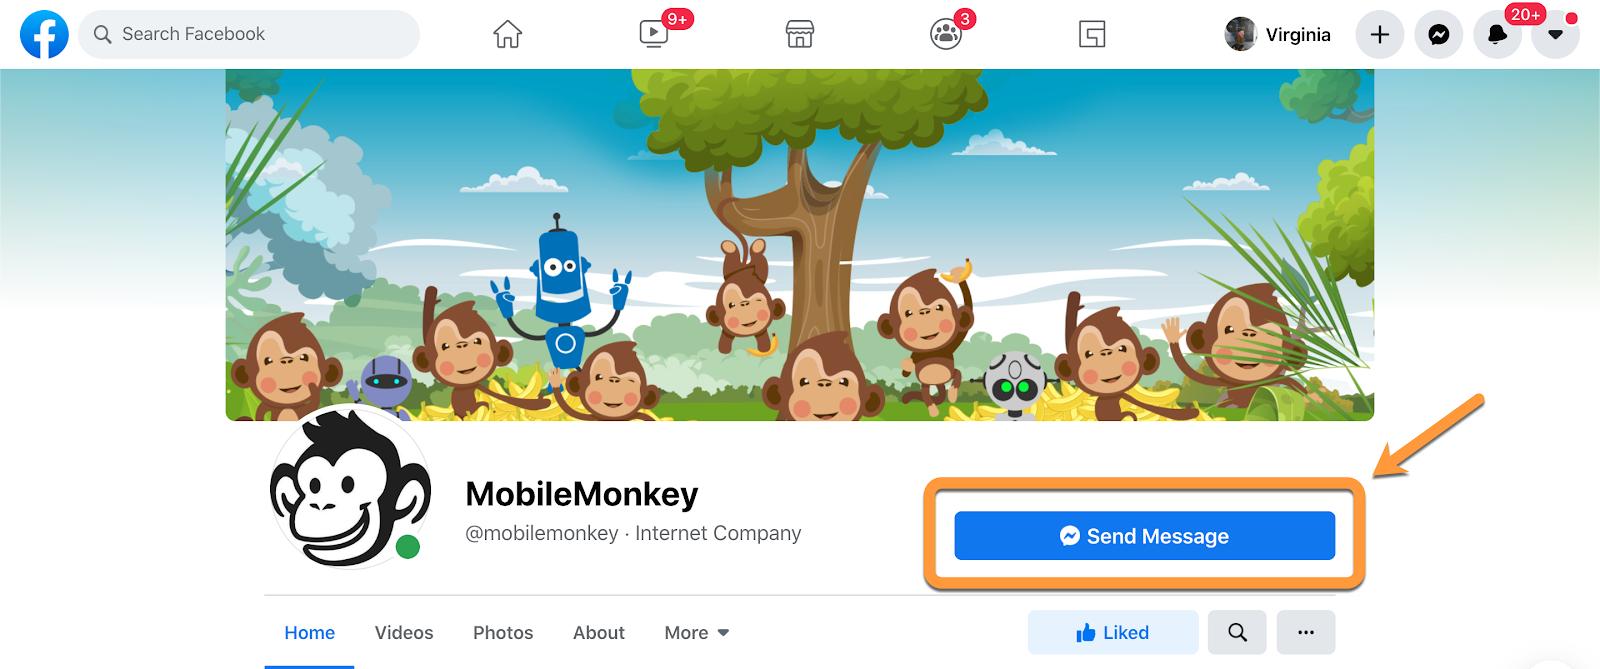 mobilemonkey chatbot example